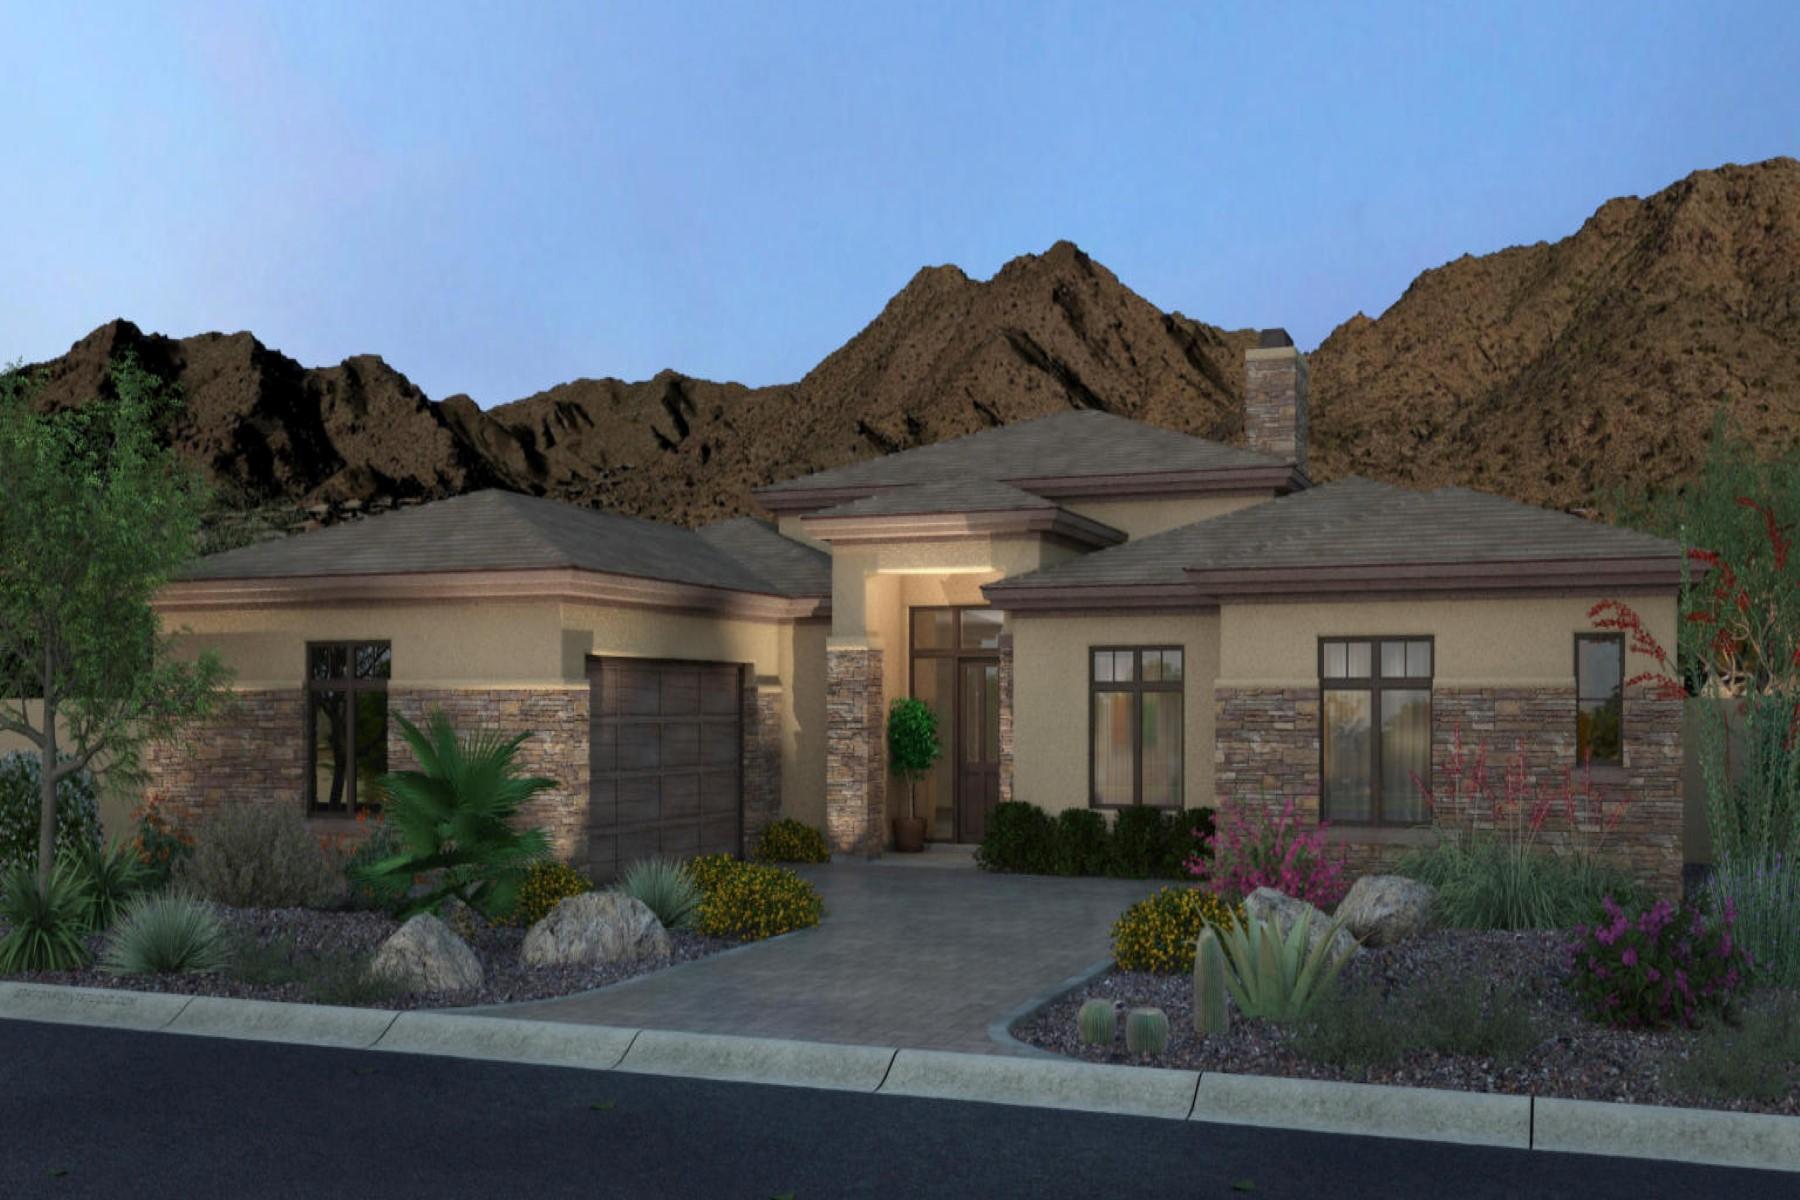 Частный односемейный дом для того Продажа на Beautiful Scottsdale home 11750 N 134th Way Scottsdale, Аризона, 85259 Соединенные Штаты